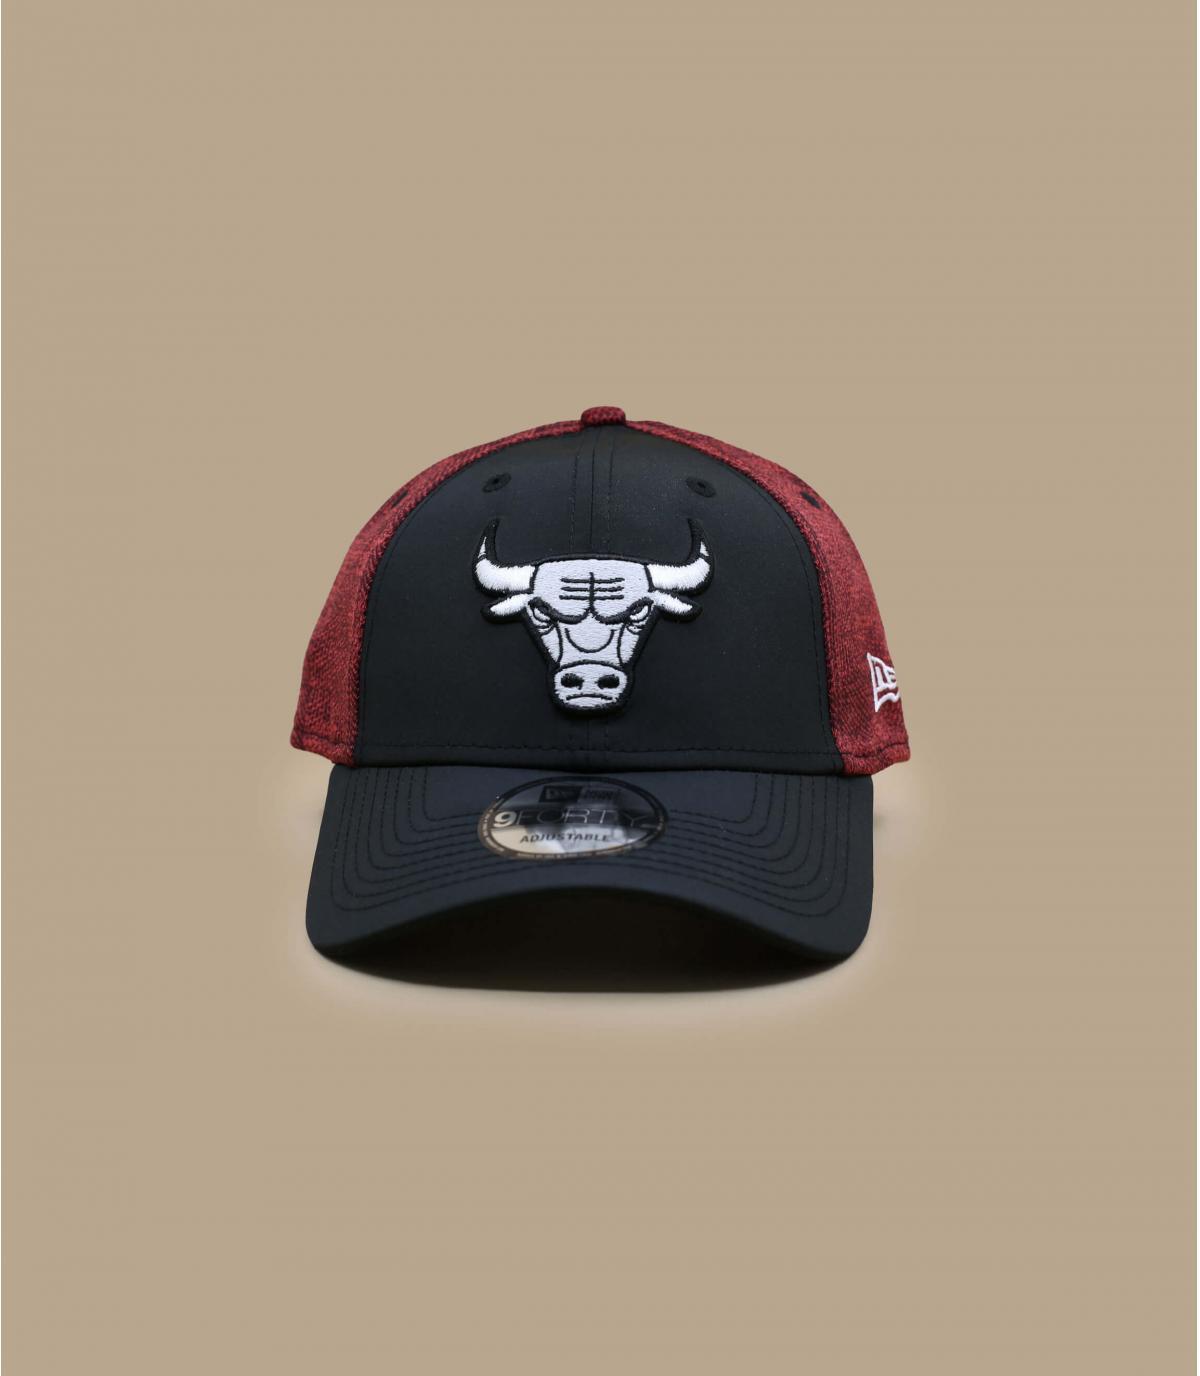 casquette Bulls noir